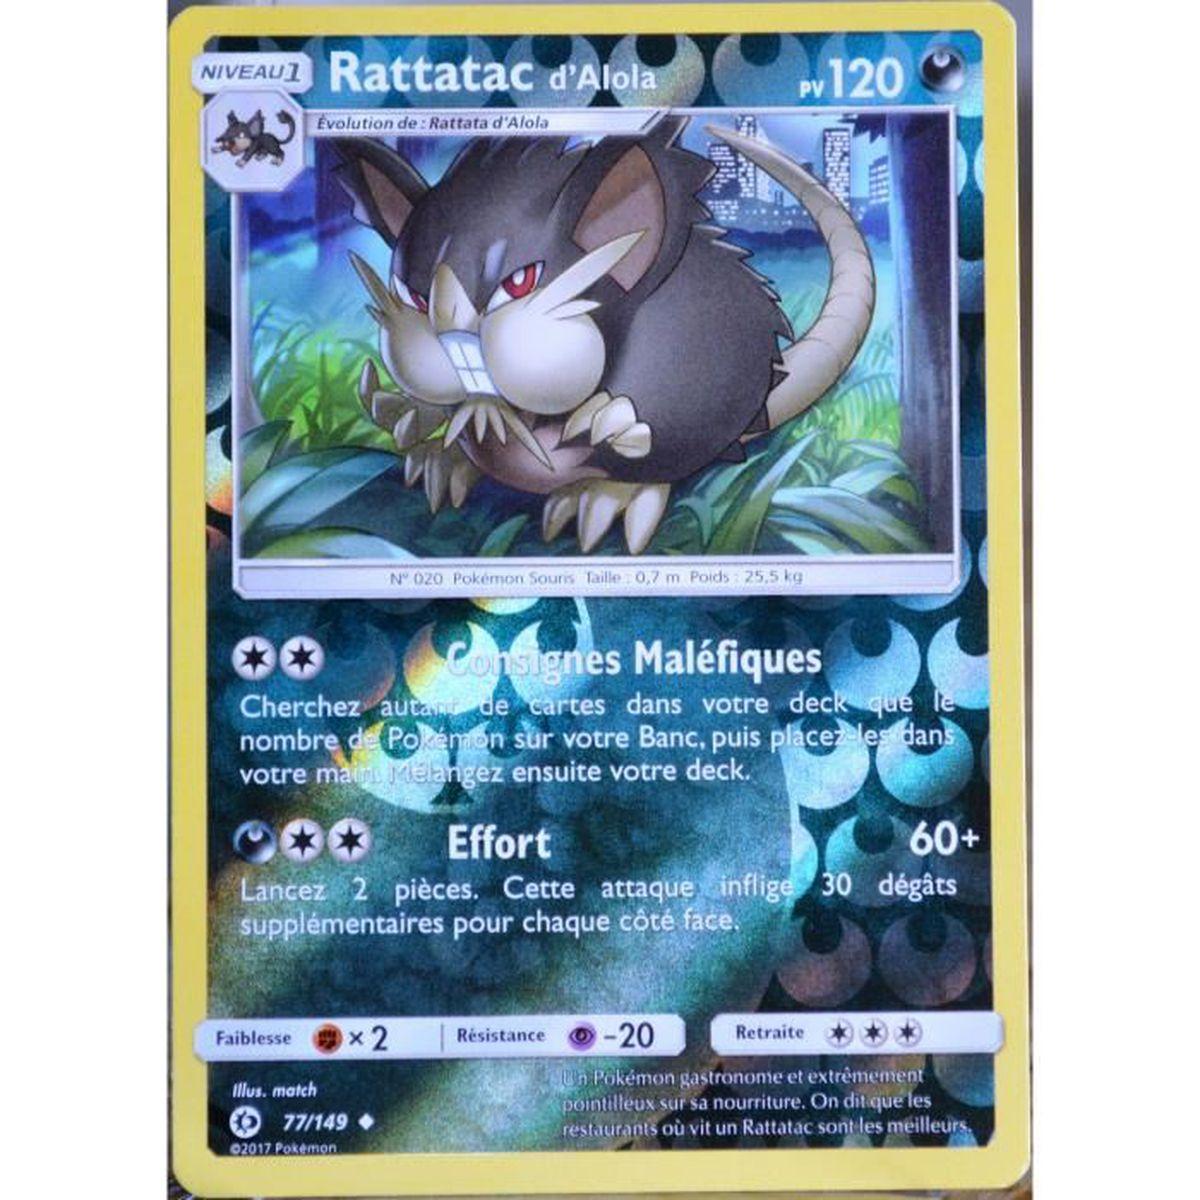 Carte pok mon 77 149 rattatac d 39 alola 120 pv reverse sm1 soleil et lune achat vente - Carte pokemon aquali ...